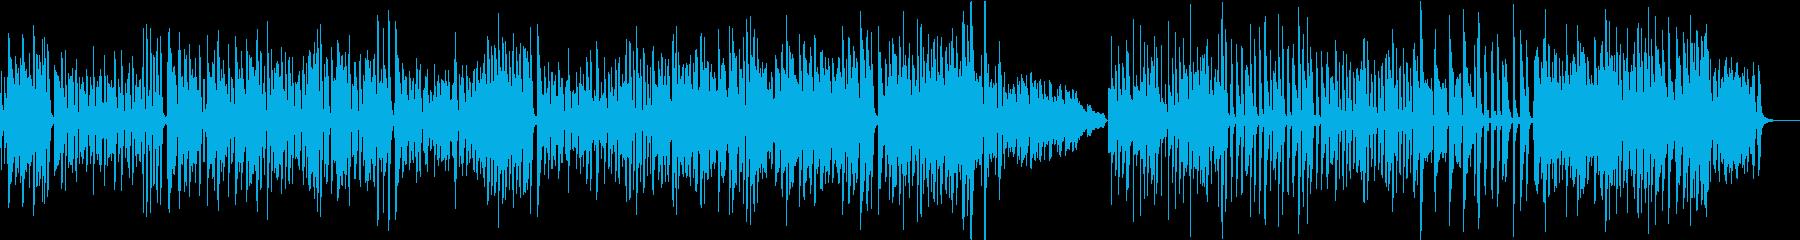 ホンキートンク風のピアノ曲の再生済みの波形